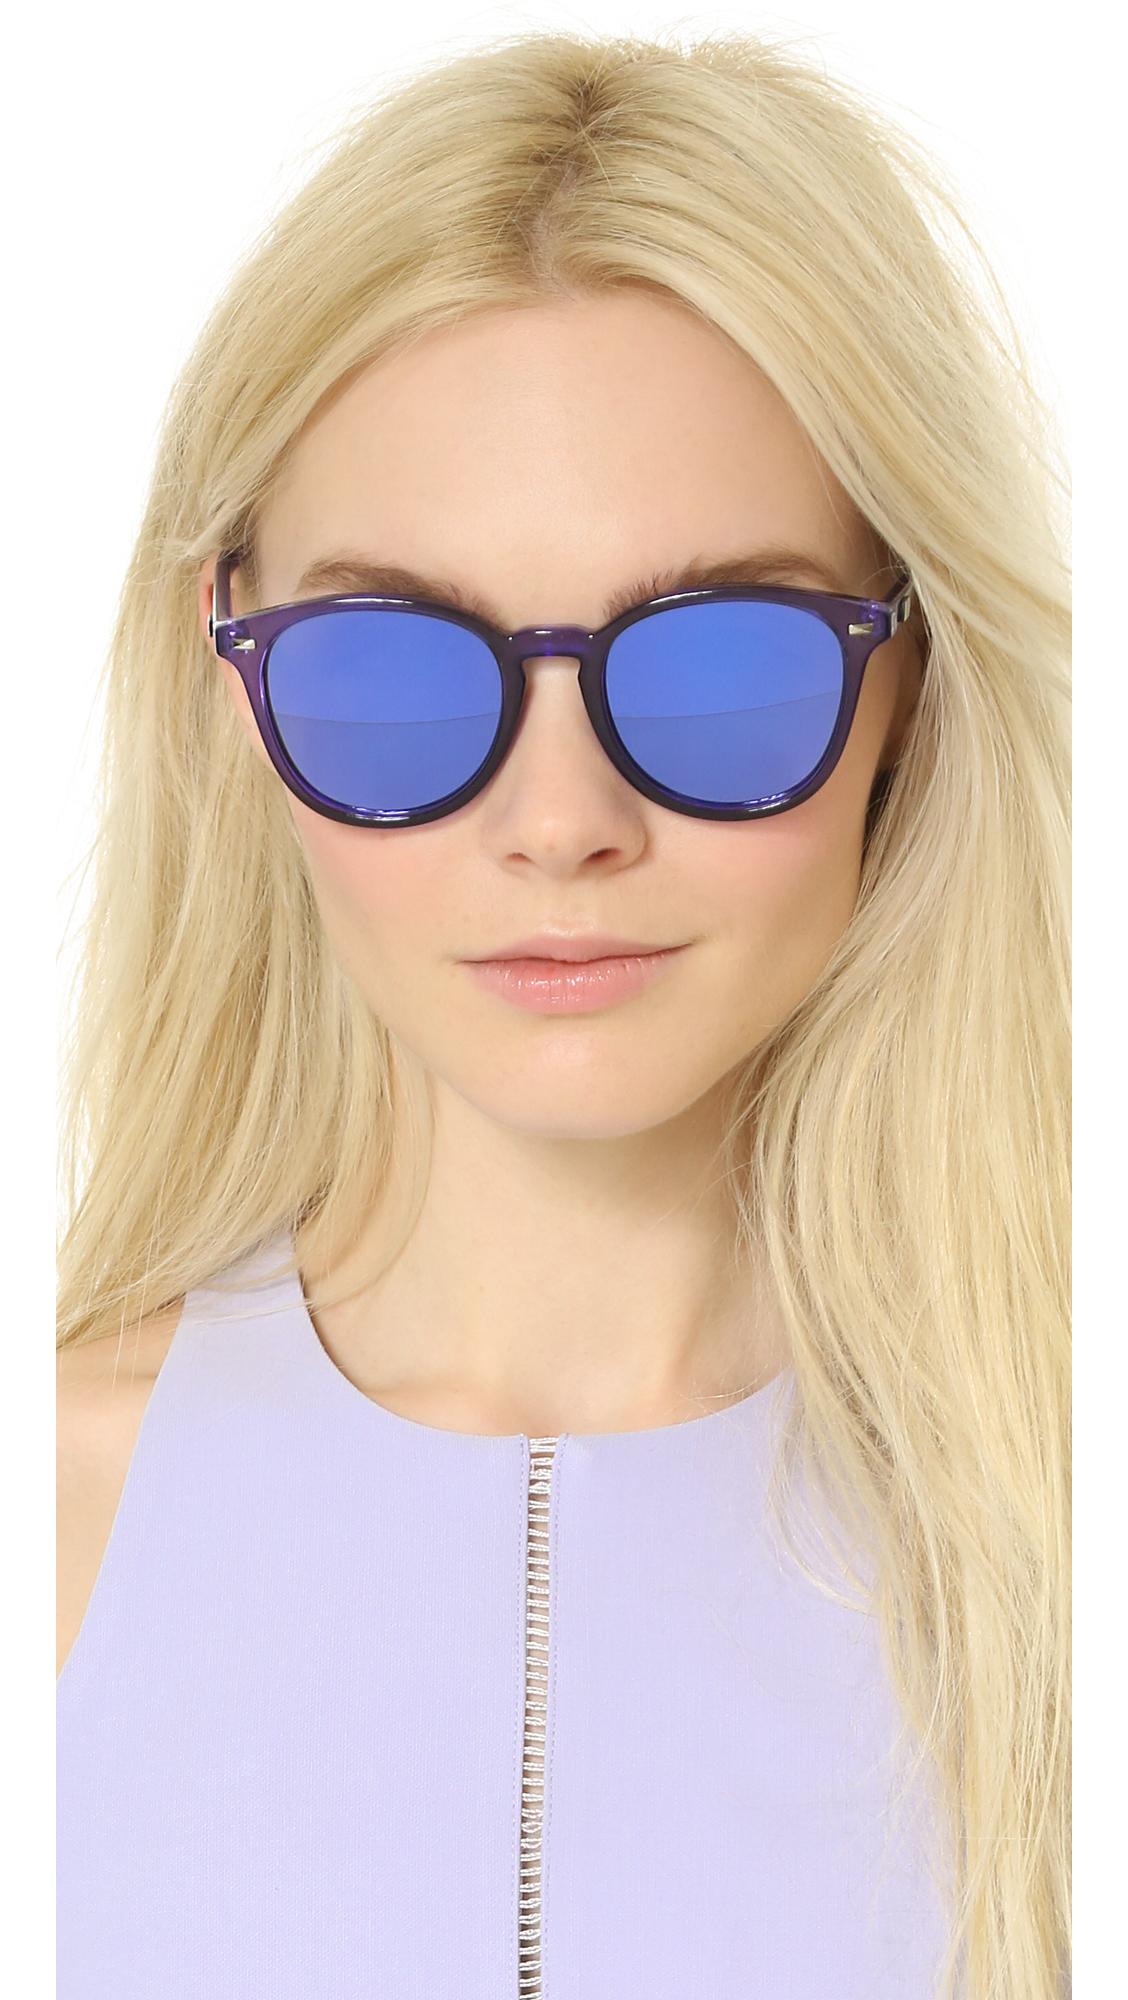 e3d69d030d Le Specs Sunglasses Bandwagon